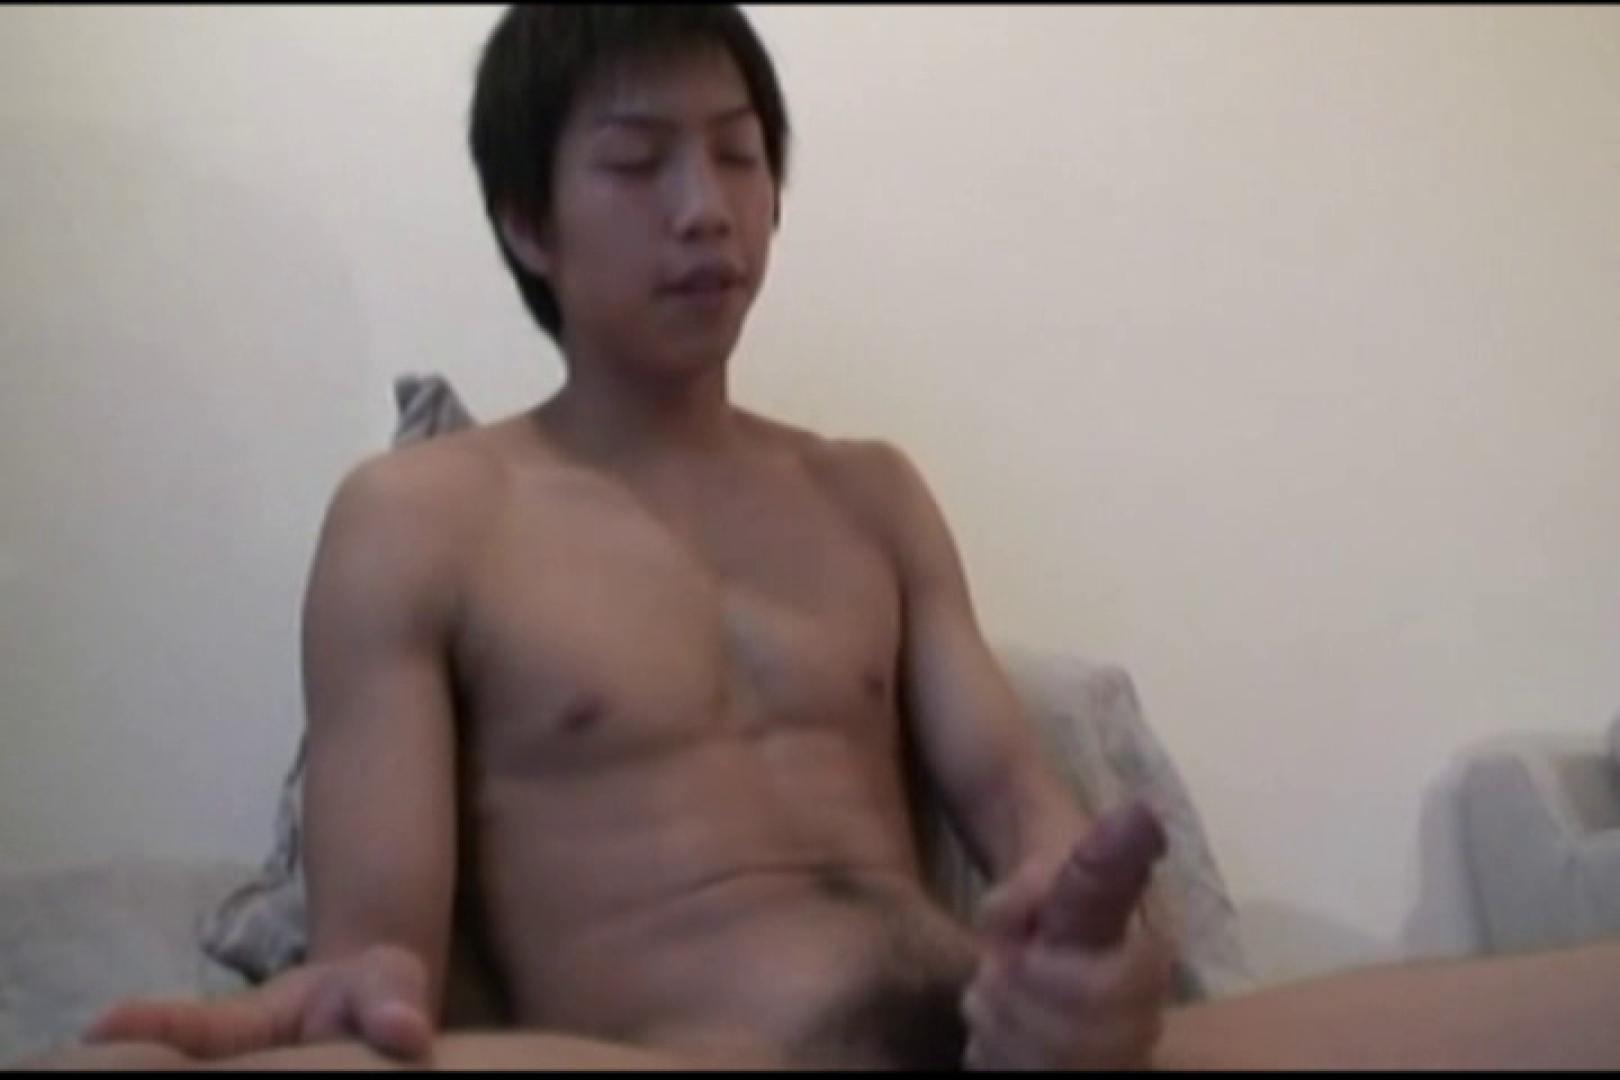 爽やかイケメン君の筋トレ後の自慰行為 スジ筋系メンズ 尻マンコ画像 14画像 11